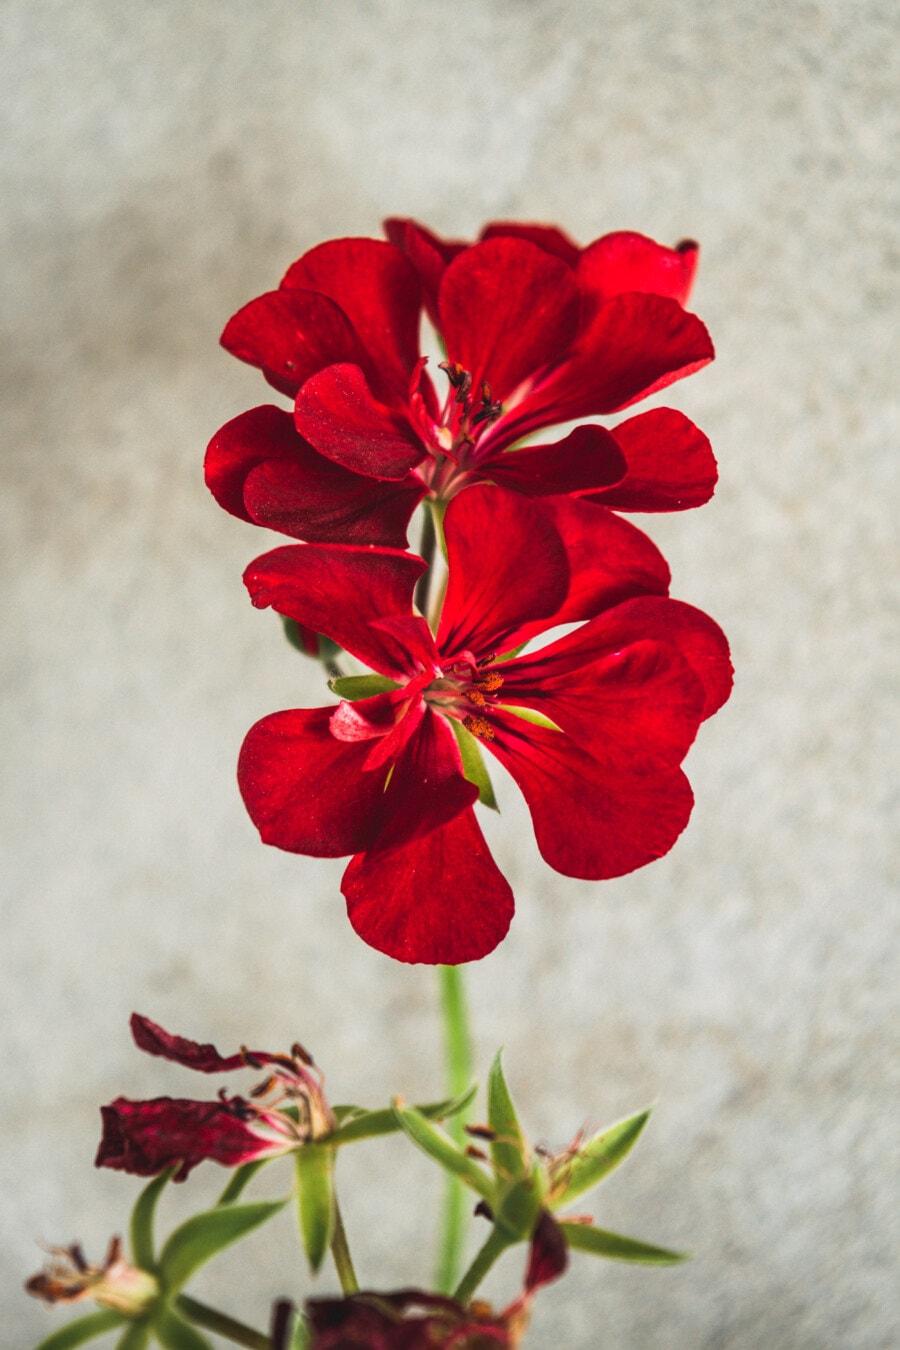 rouge foncé, géranium, pot de fleurs, fleur, horticulture, pétale, flore, plante, herbe, été